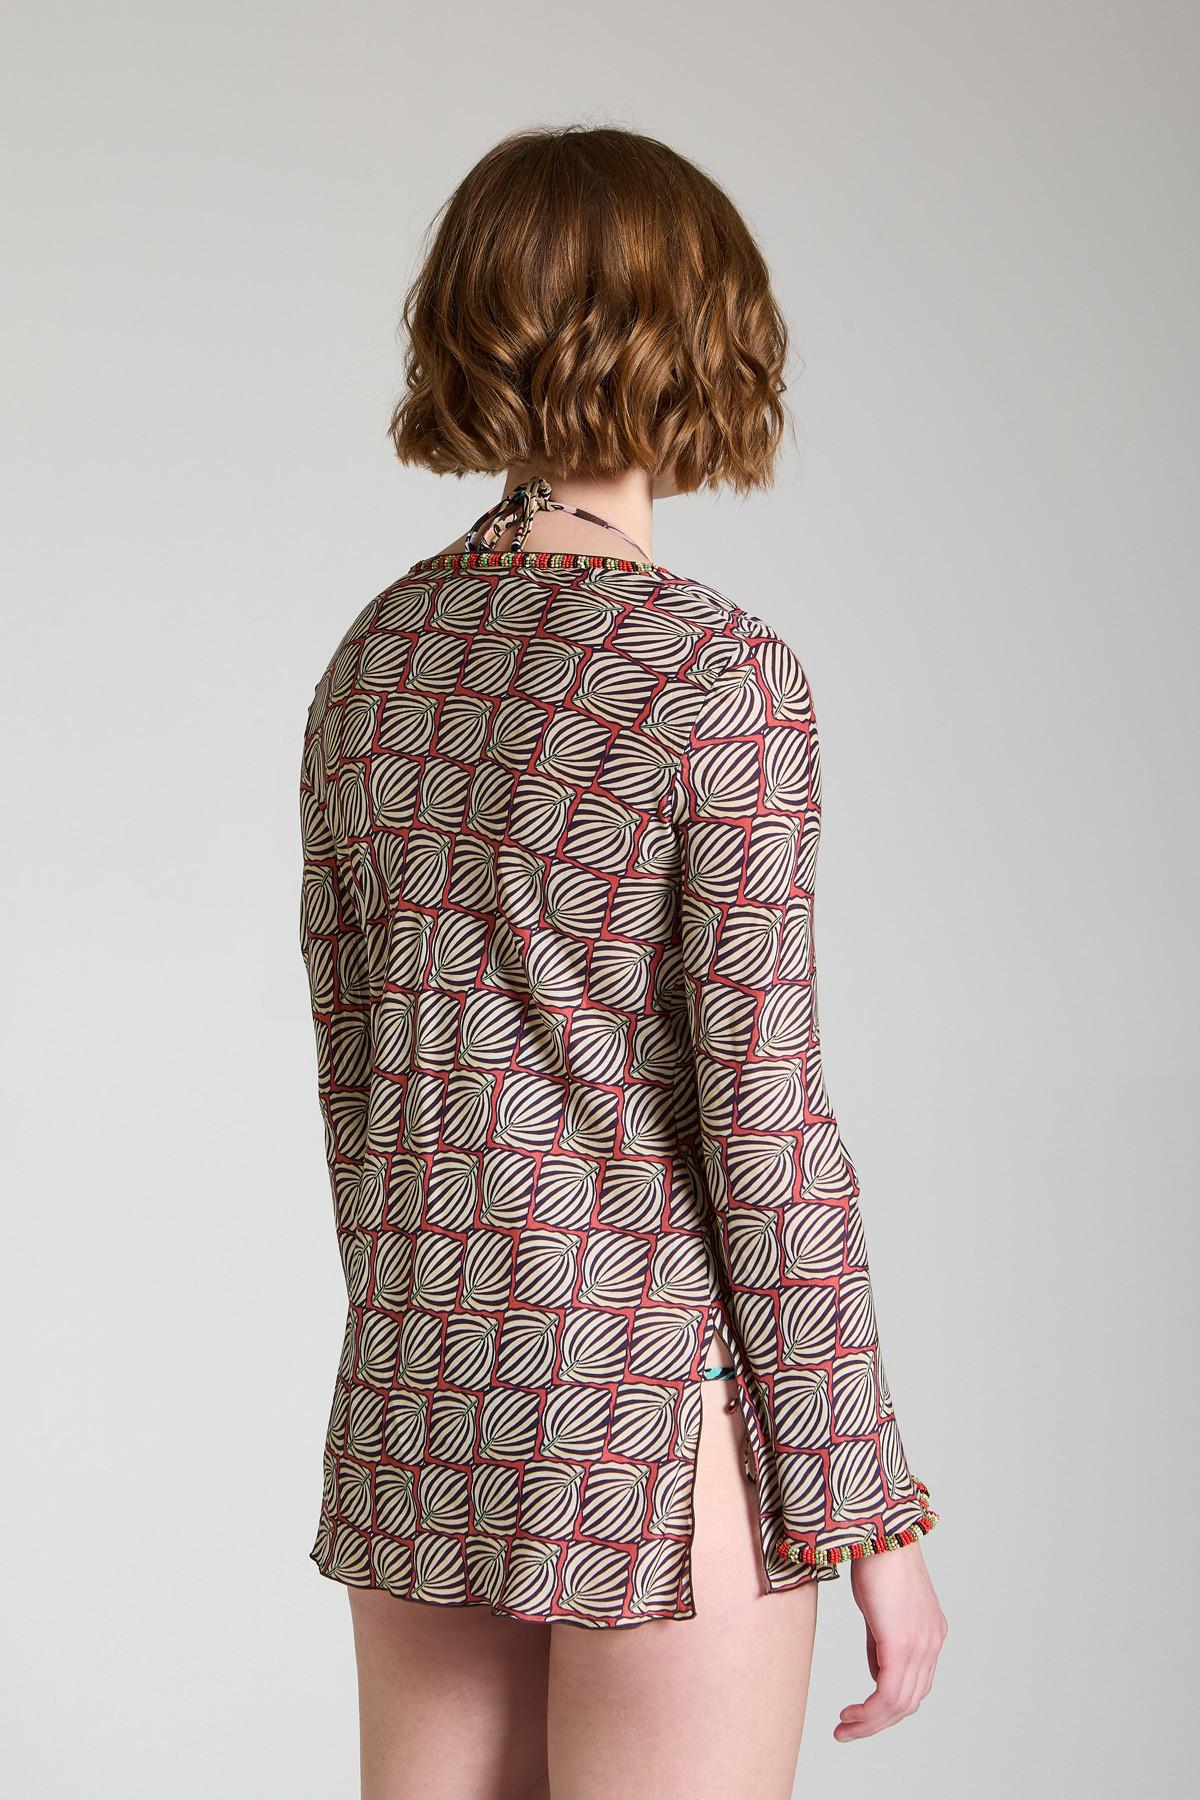 Abbigliamento Donna Maglia Camicia Geometric Palms con Scollo a V Crema a Fantasia Maliparmi | Camicie e Top | JM447750551B1226